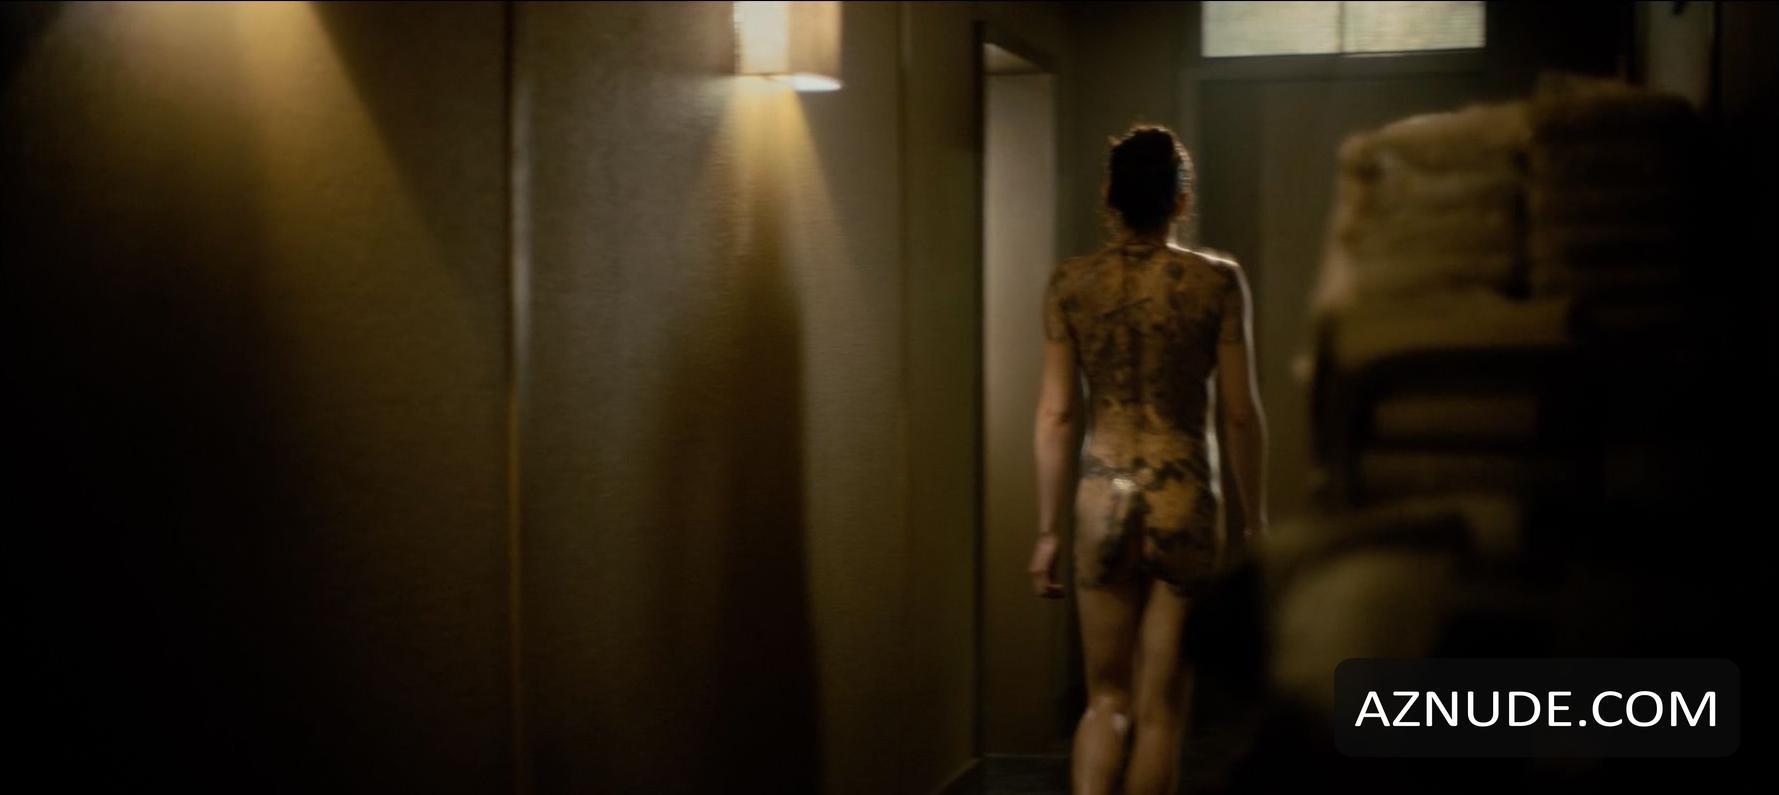 The Girl In The Spiders Web Nude Scenes - Aznude-2944